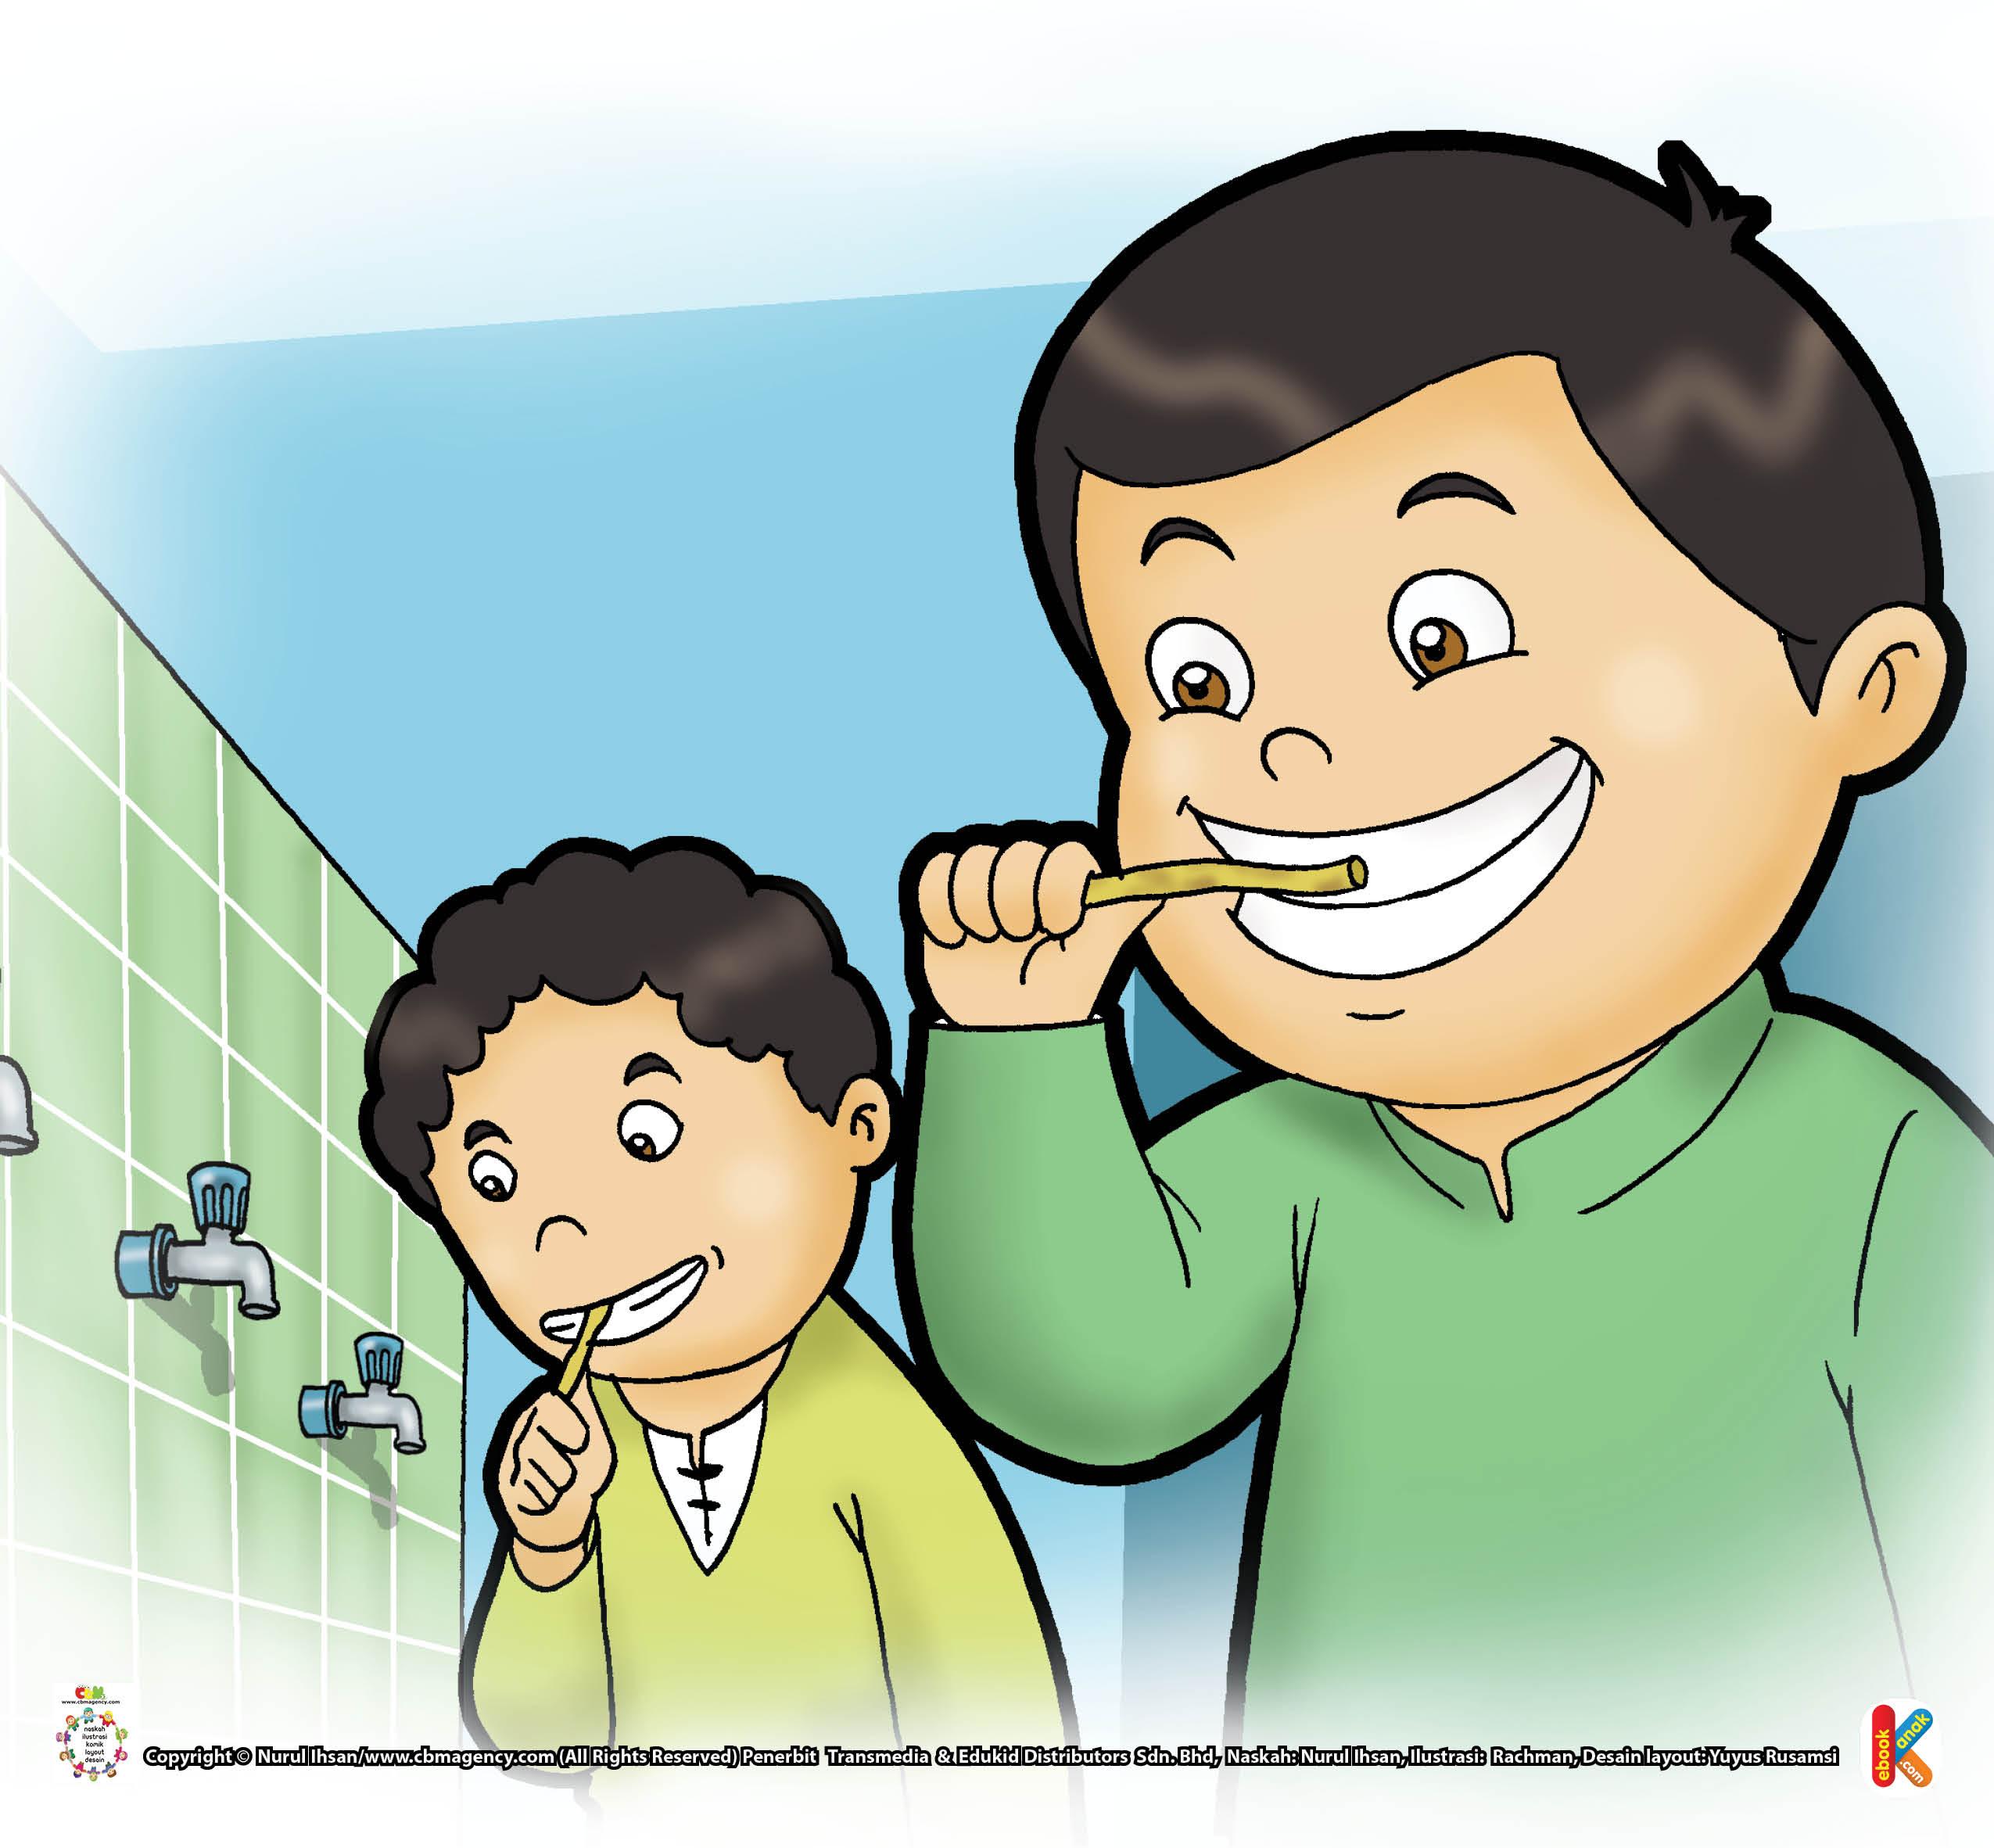 Mulut jadi bersih, nafas pun segar dan harum. Dan yang paling penting, Allah mencintai orang yang rajin menggosok gigi, lho.